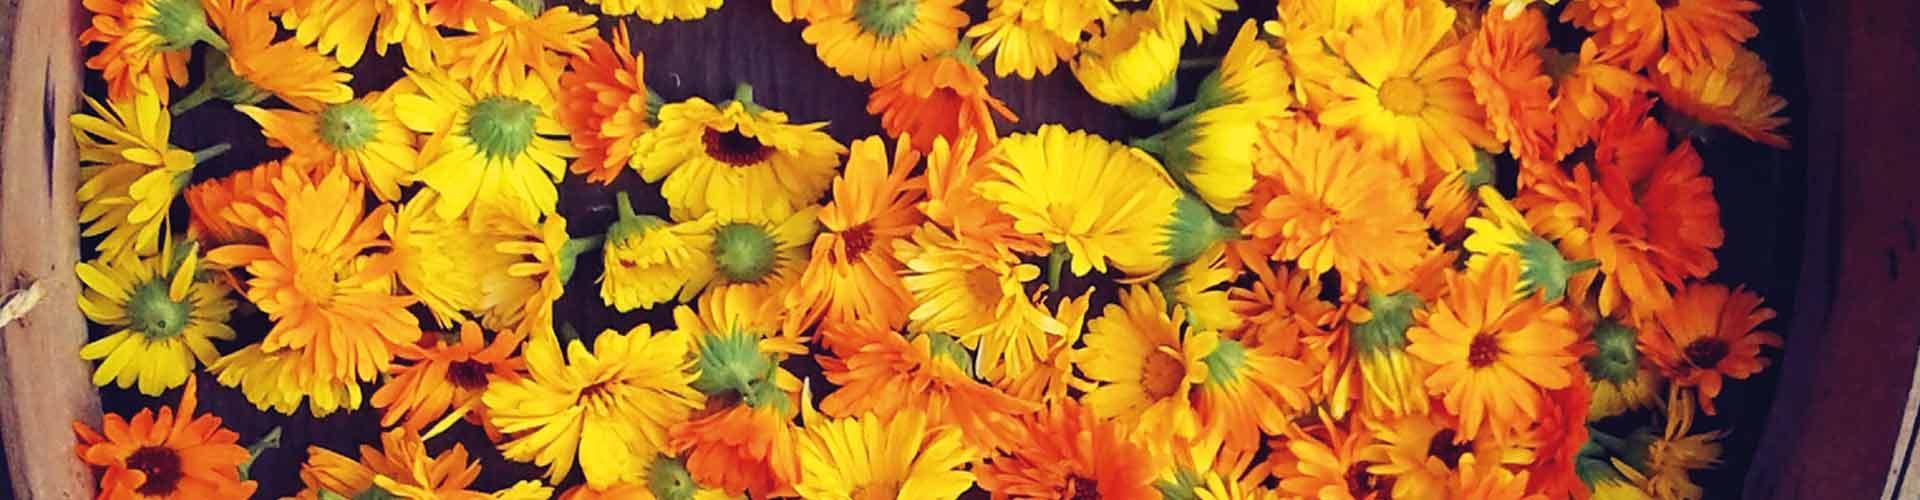 Blumenkorb-1920x500px